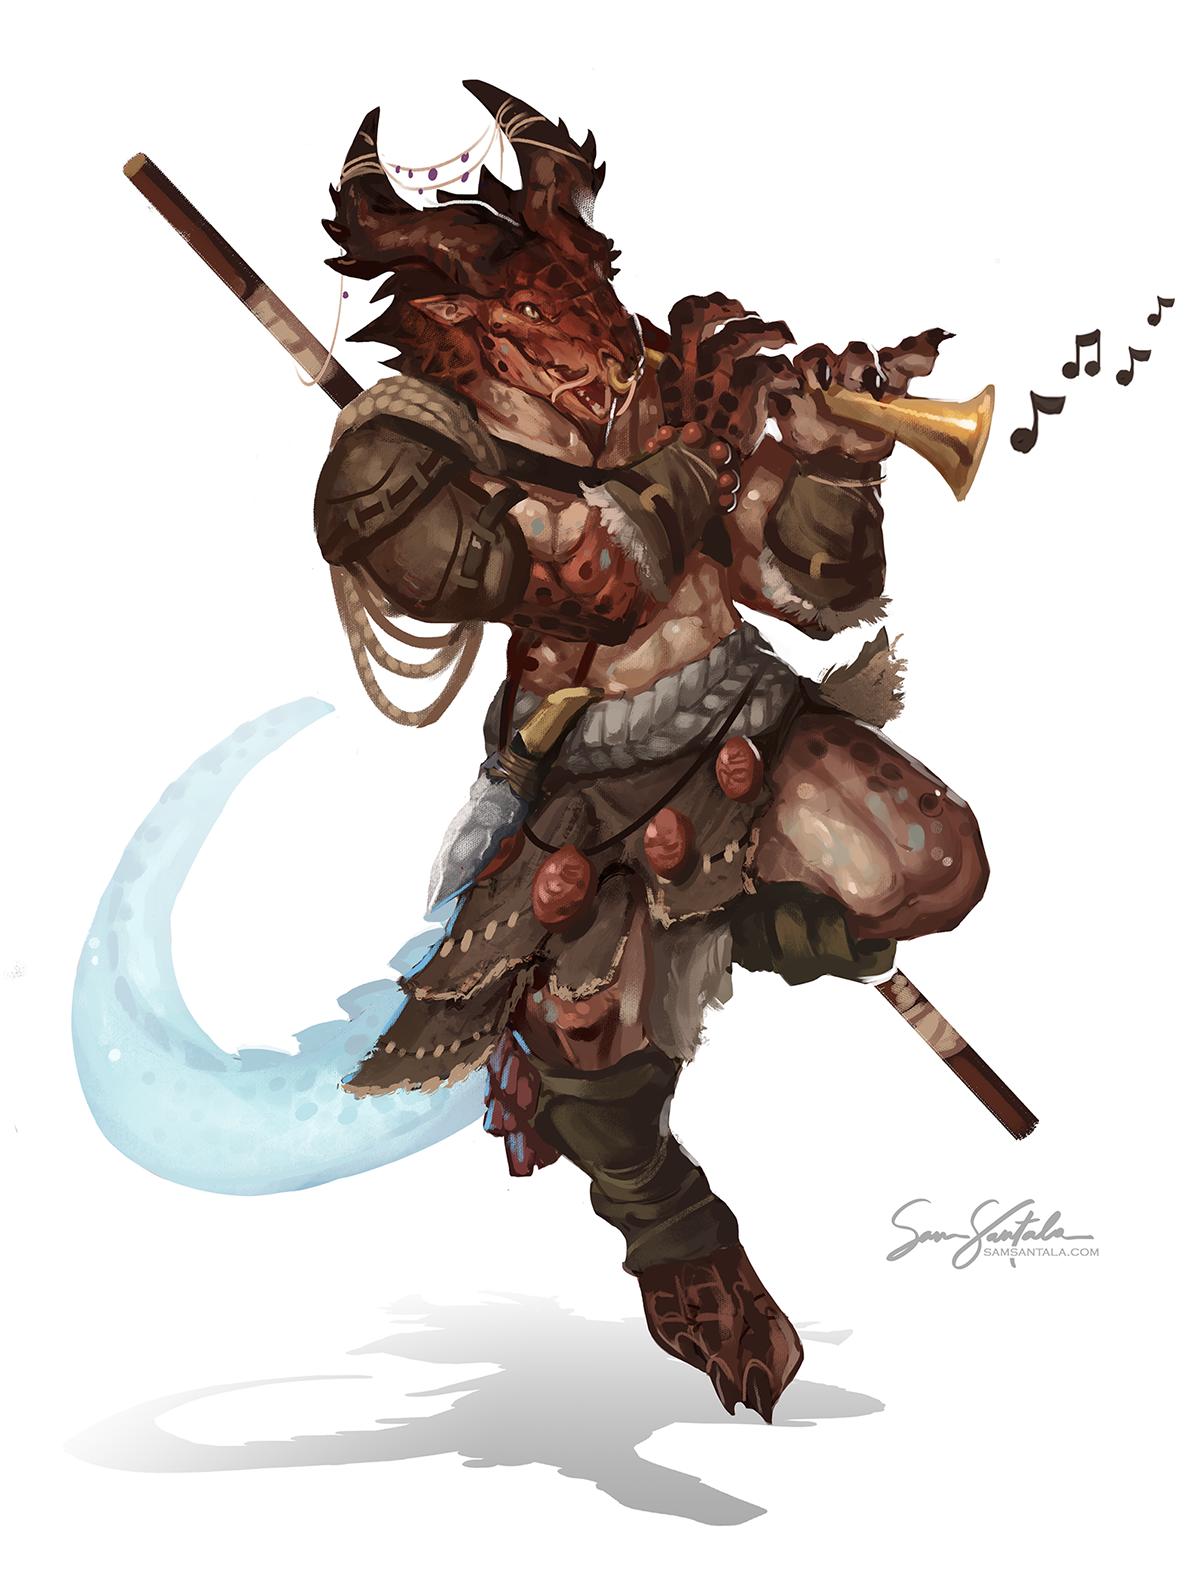 Faeraxx - Dragonborn Bard (DnD) - Finished Works - Forums - Cubebrush